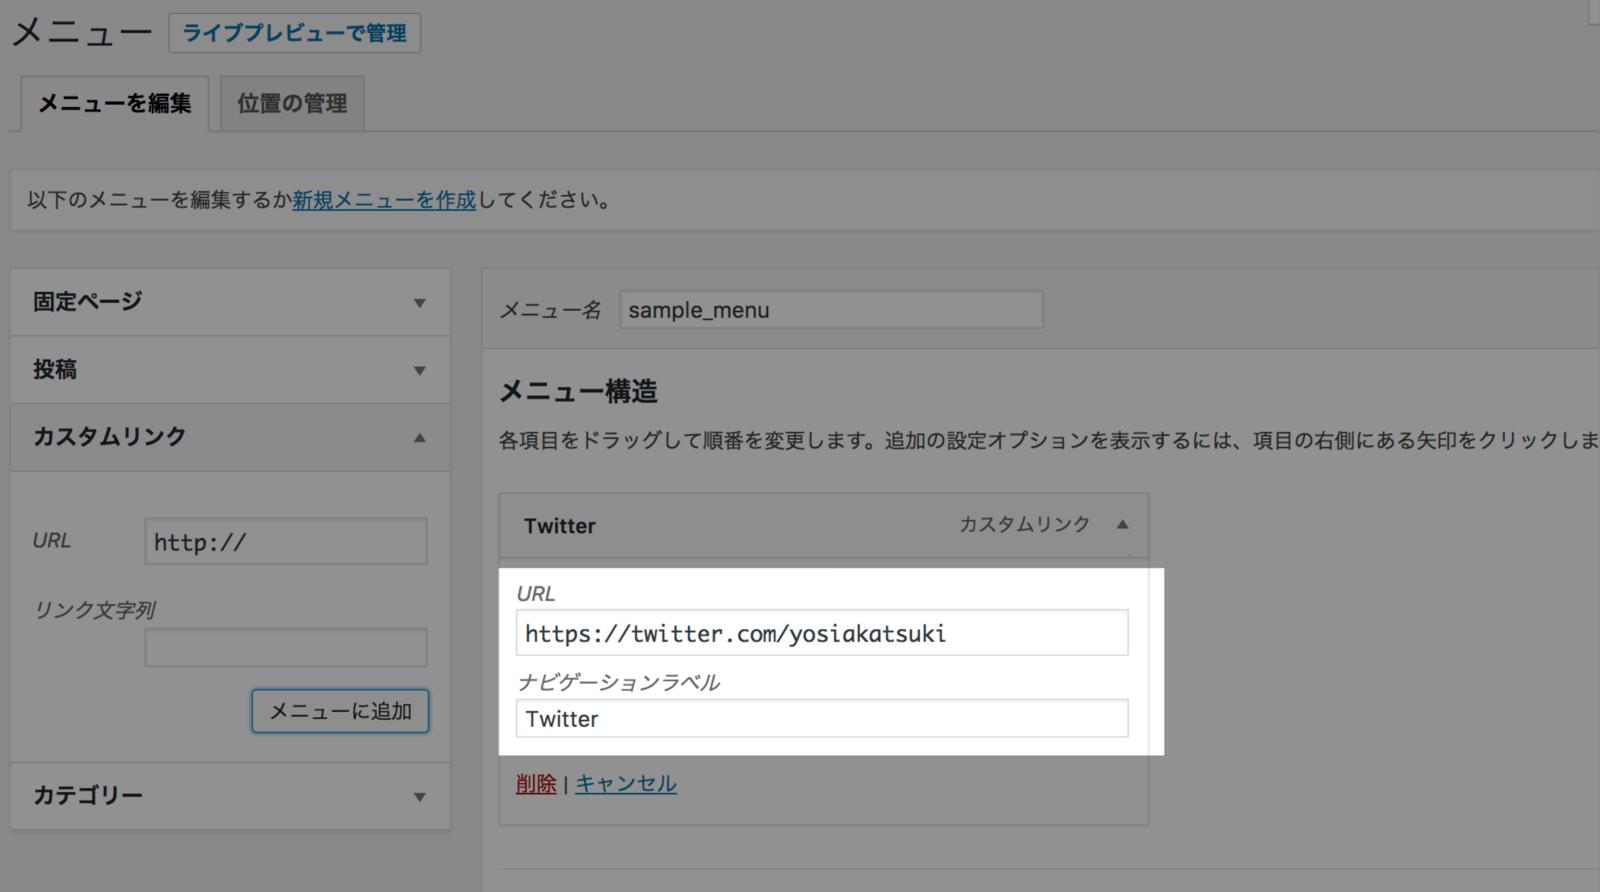 WordPress標準の状態だとURLとリンクテキストのみ設定出来る